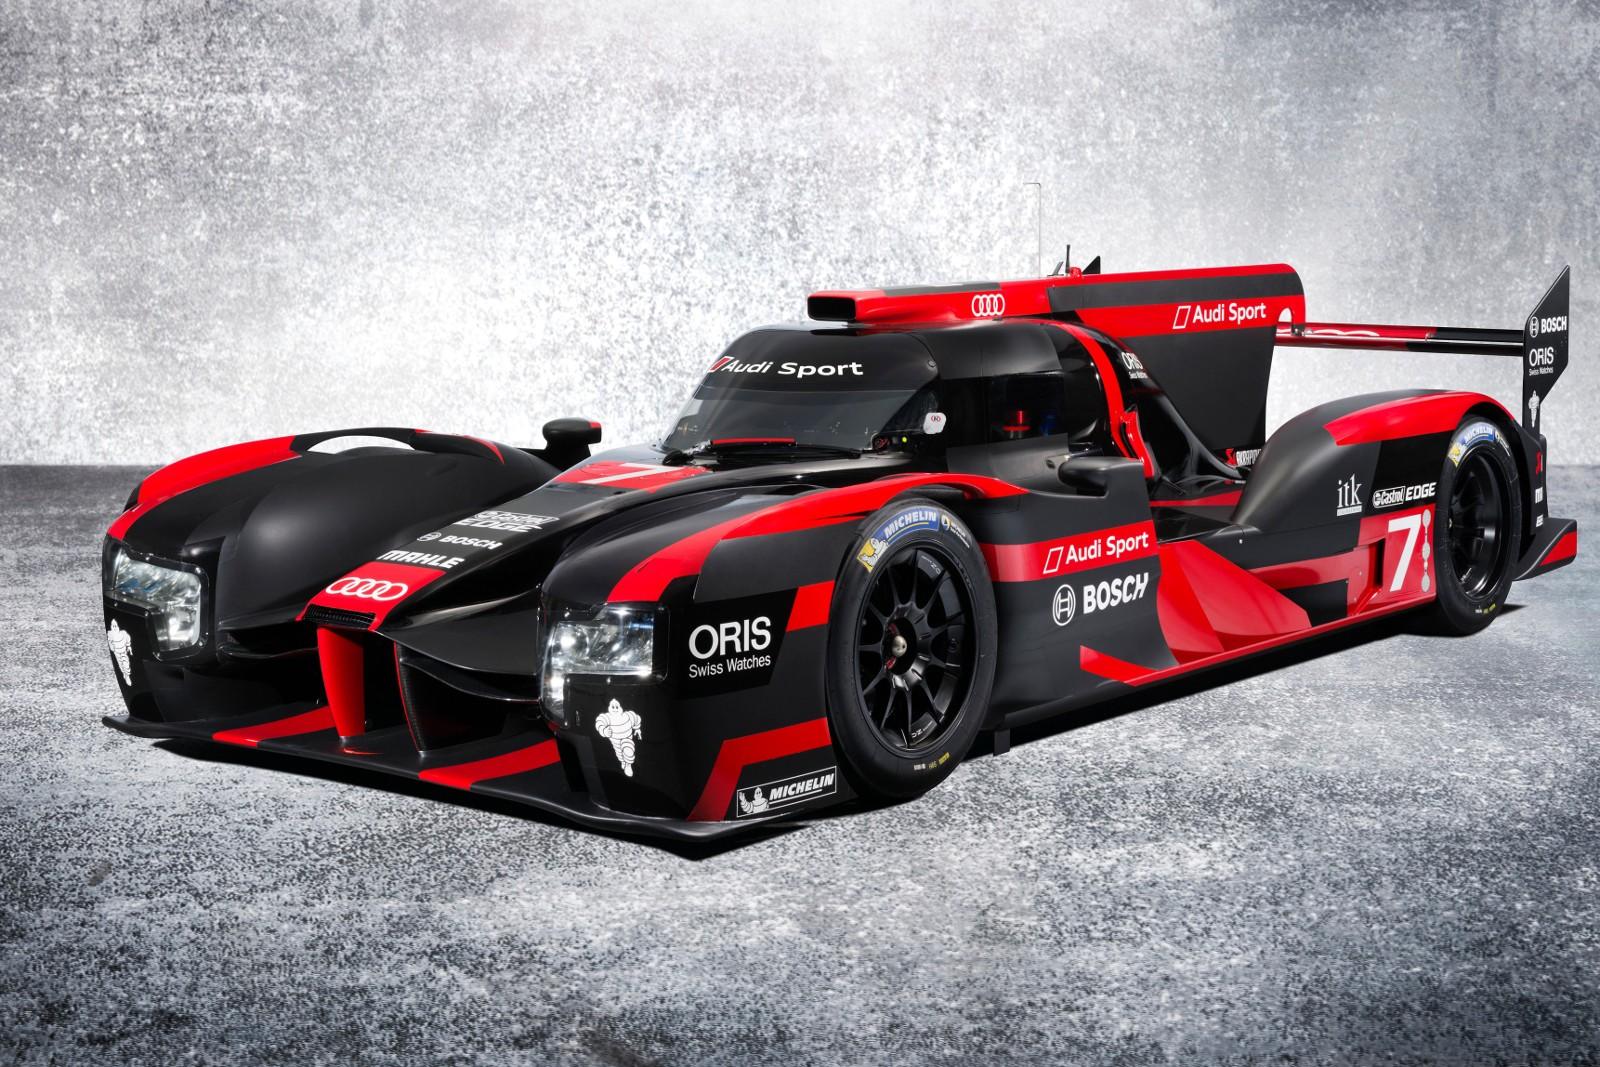 2016 Audi R18 E Tron Quattro Le Mans Prototype Is Against